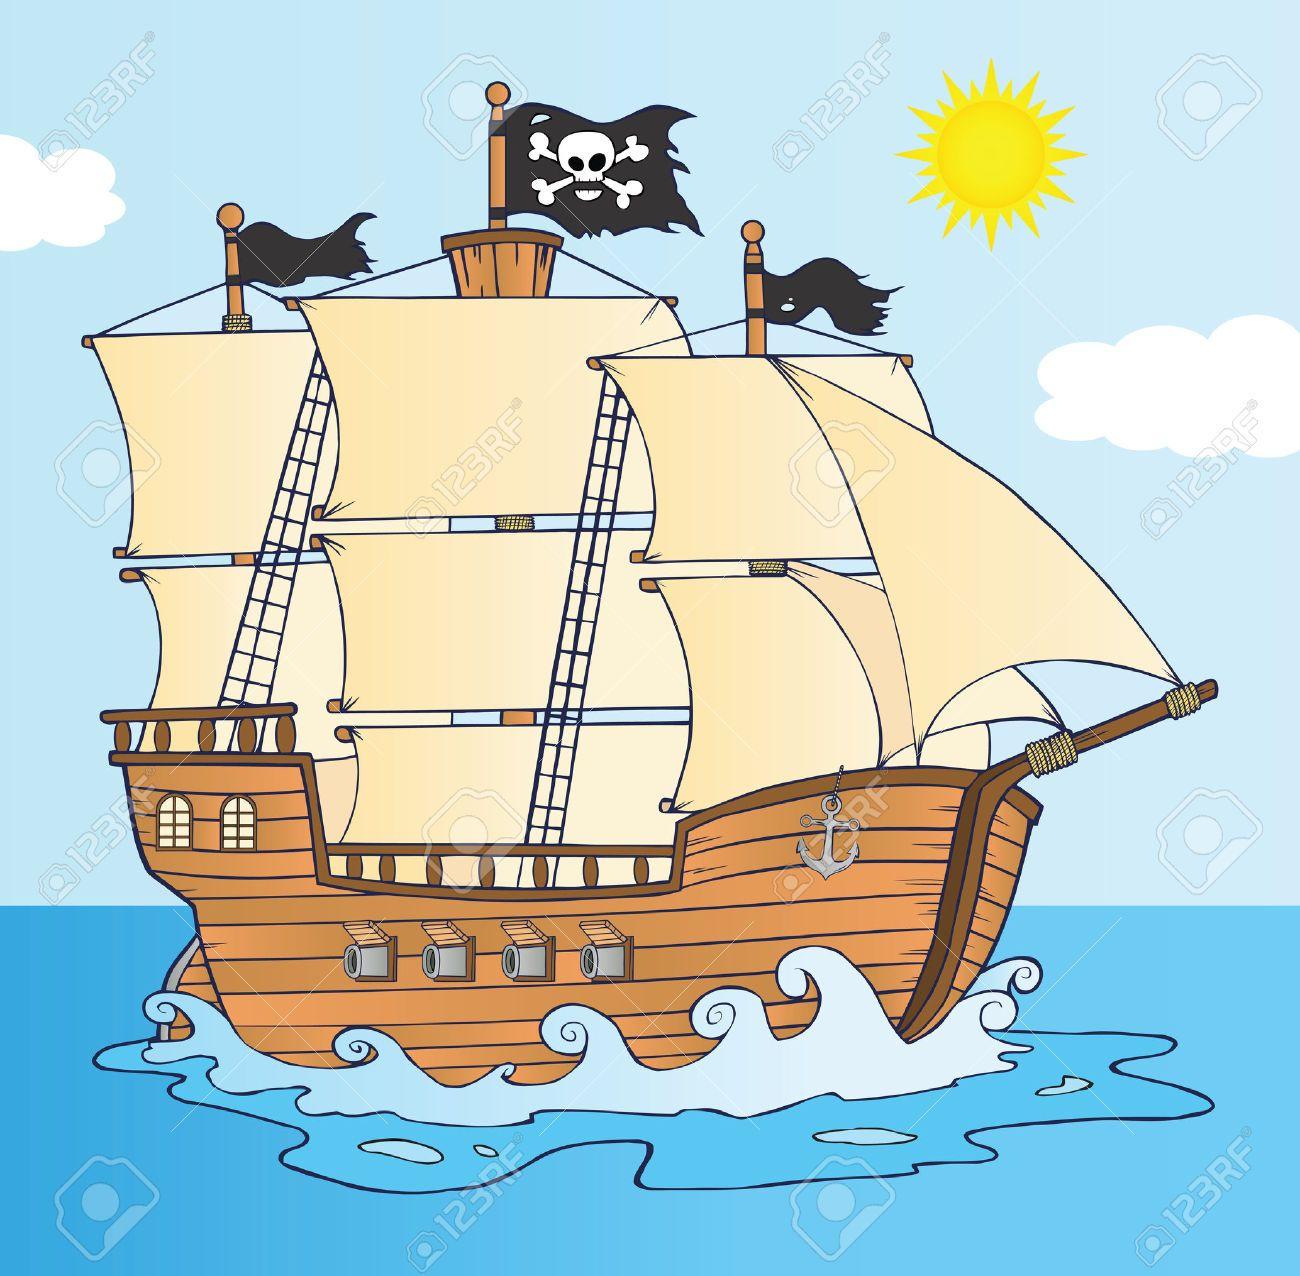 15+ Cute Pirate Ship Clipart